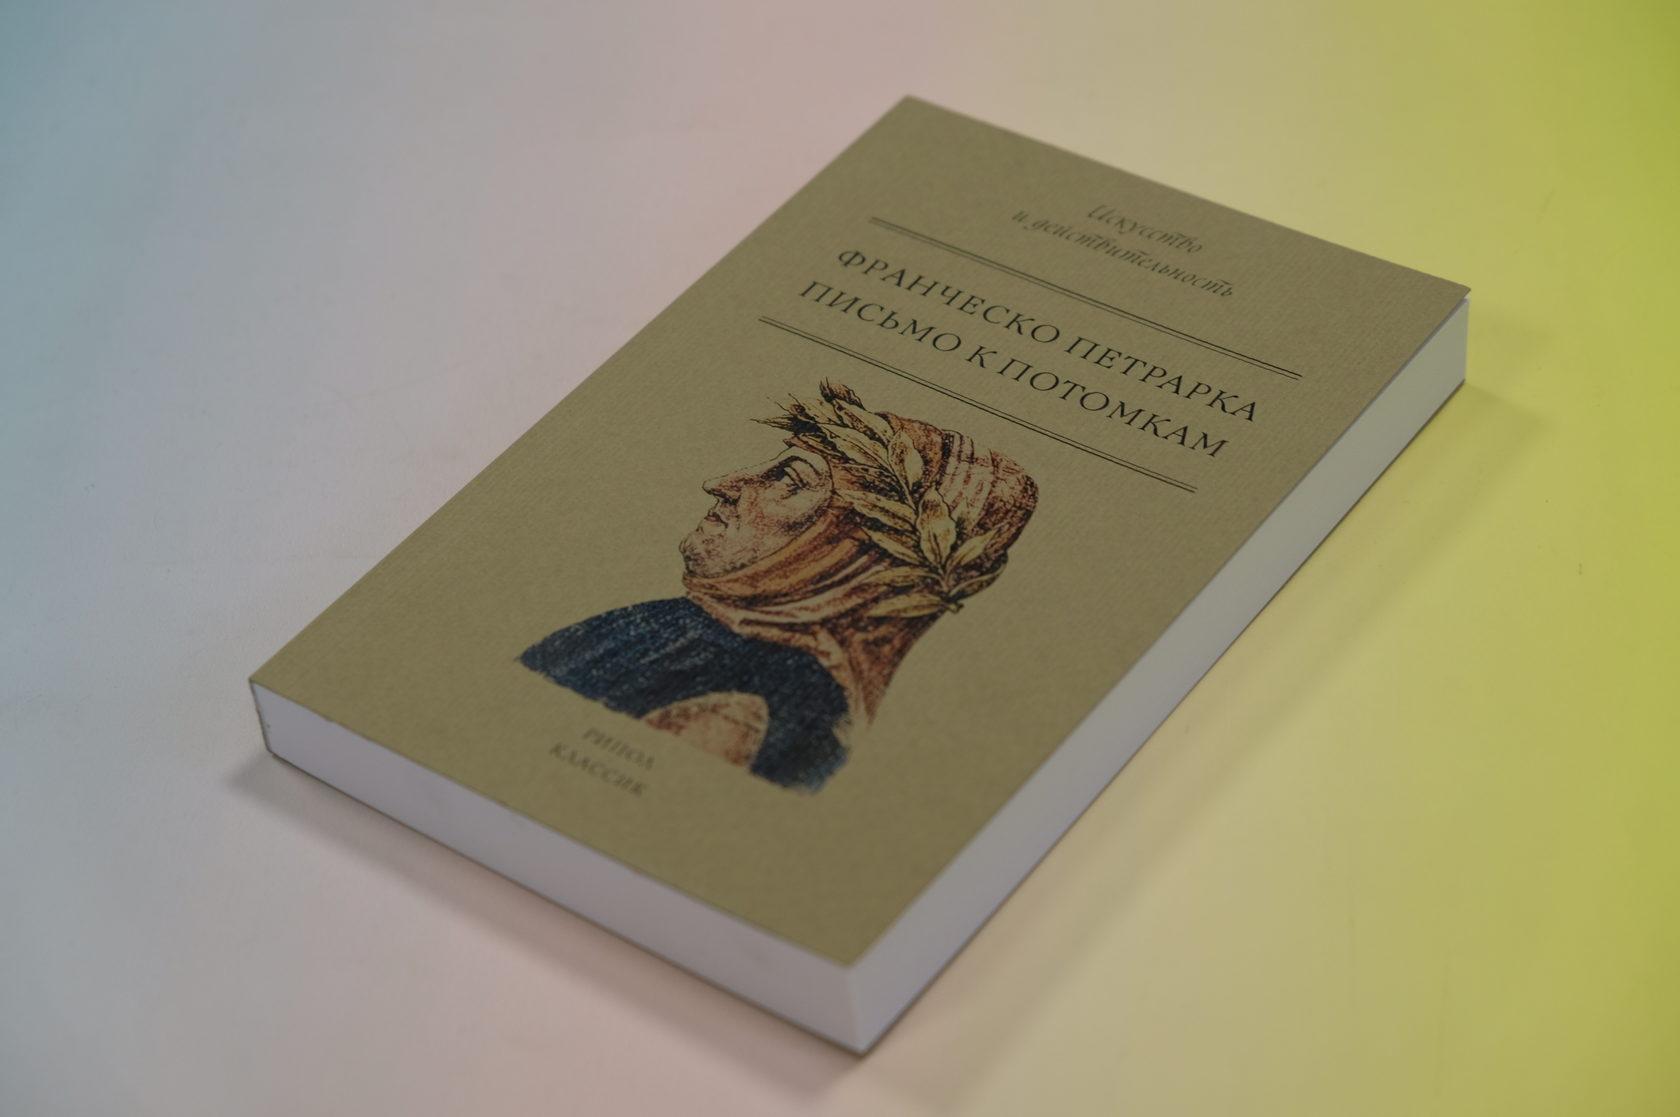 Франческо Петрарка «Письмо к потомкам» 978-5-386-10366-8